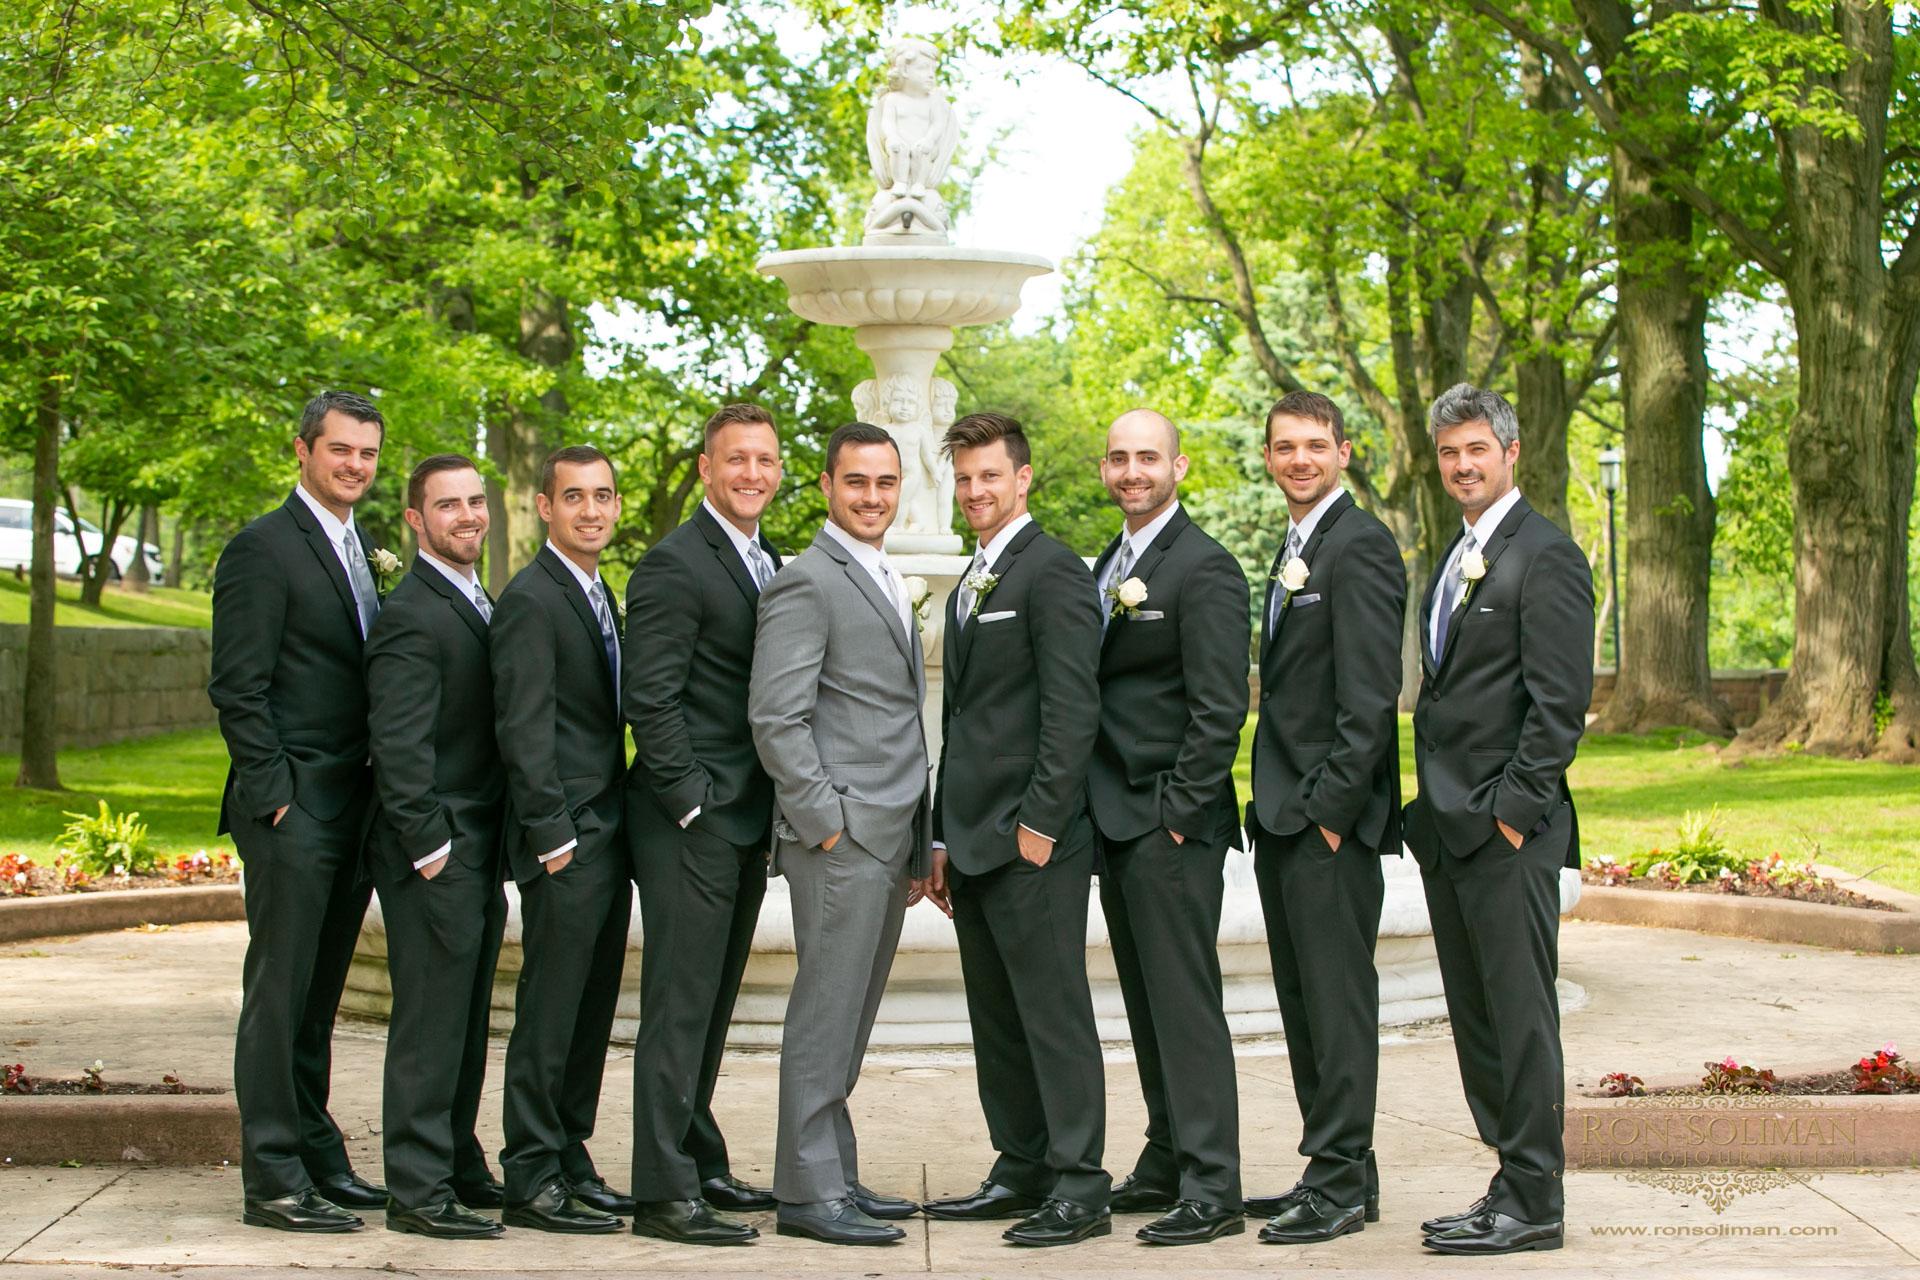 WESTMOUNT COUNTRY CLUB WEDDING 24